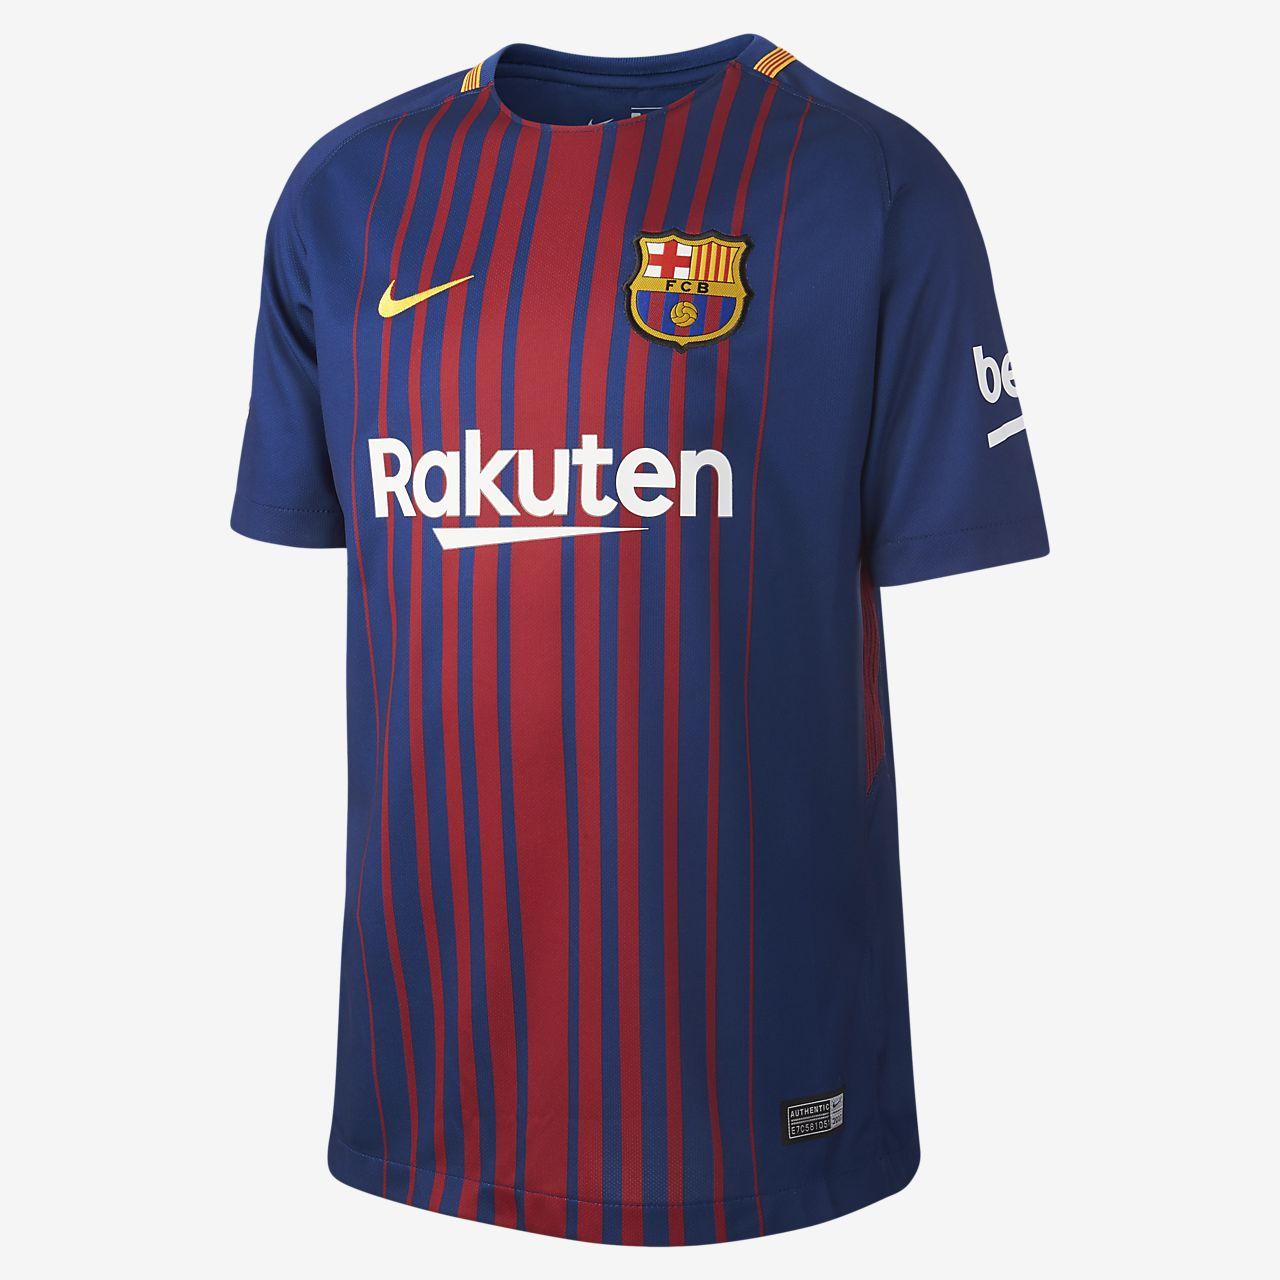 2f58b97183f 2017 18 FC Barcelona Home (Andrés Iniesta) Older Kids